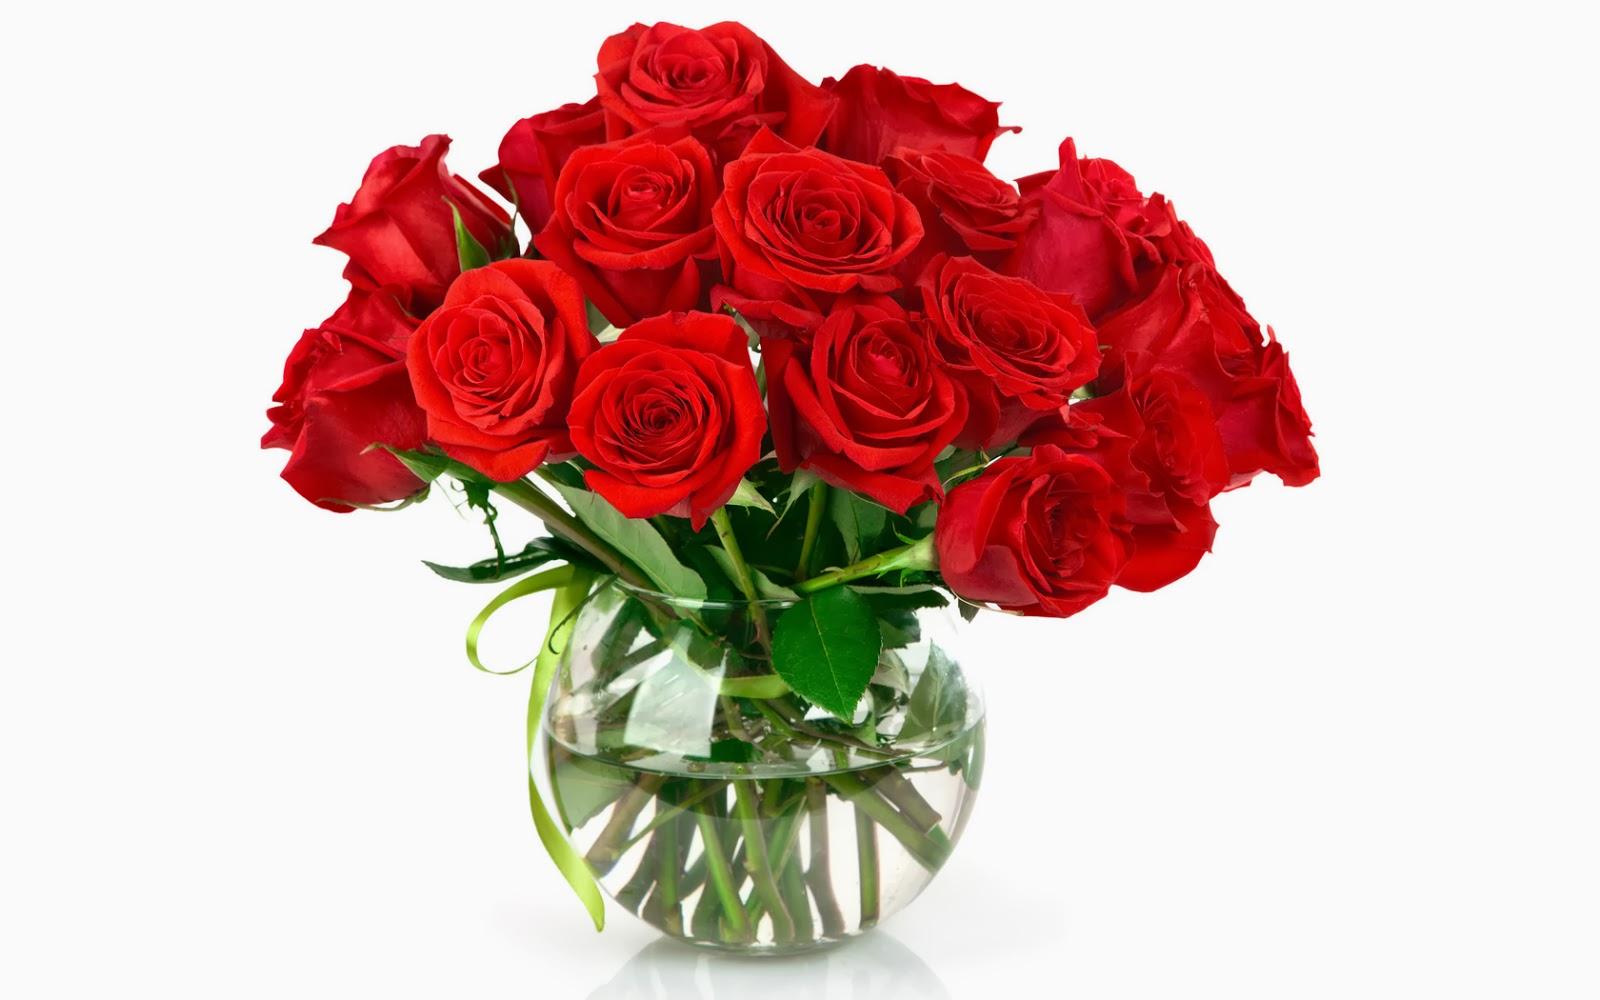 Fotos de floreros con flores fotos bonitas de amor im genes bonitas de amor - Ramos de flores hermosas ...